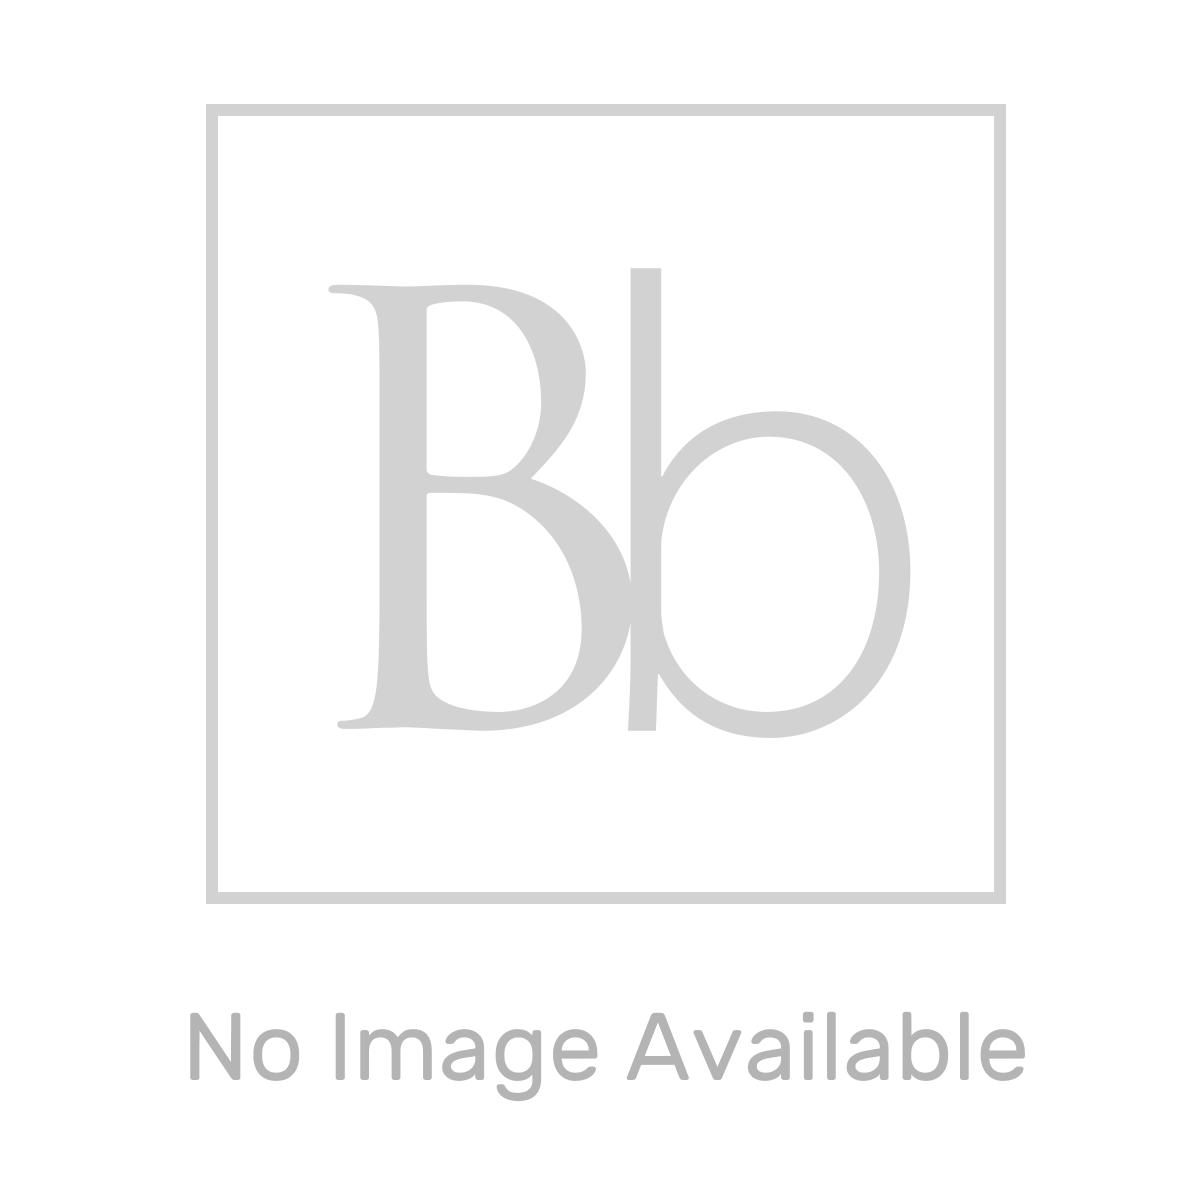 RAK Munich Chrome Side Lever Handle Kitchen Sink Mixer Tap Measurements